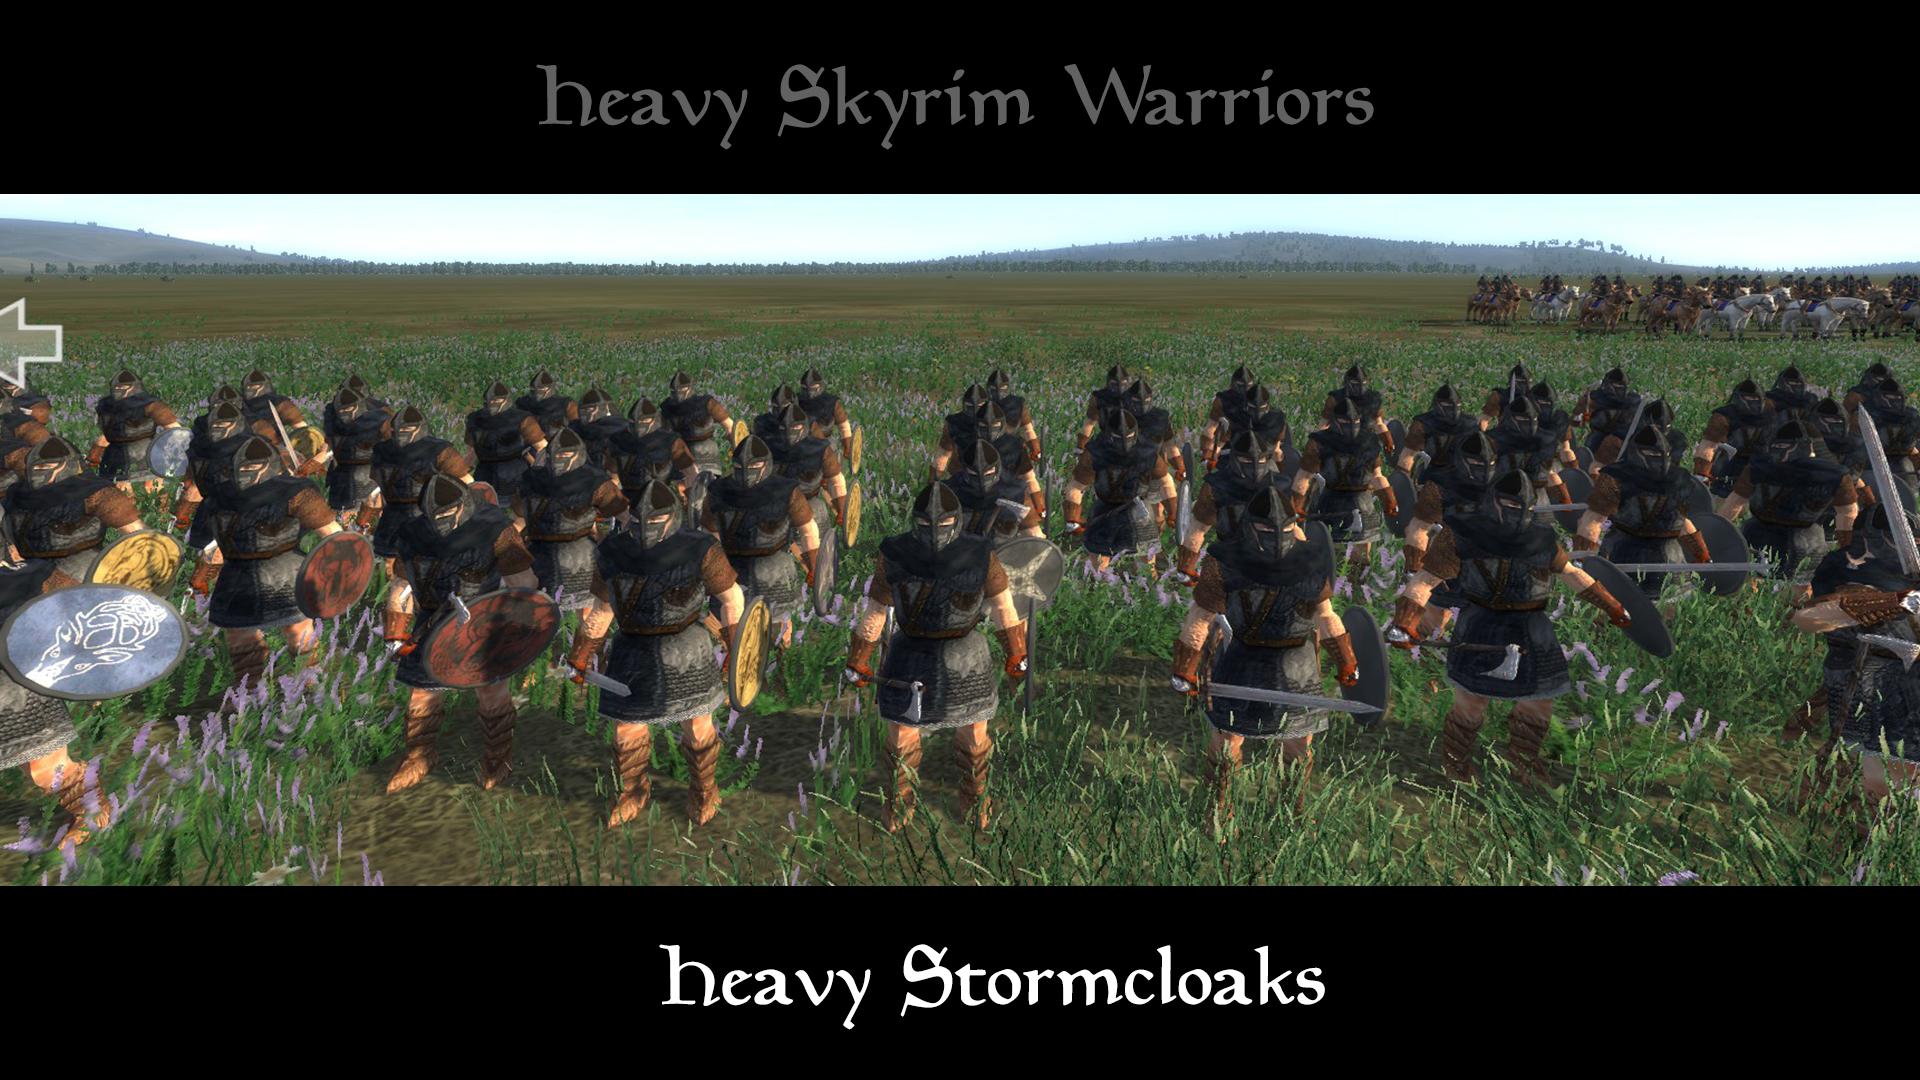 heavy stormcloaks